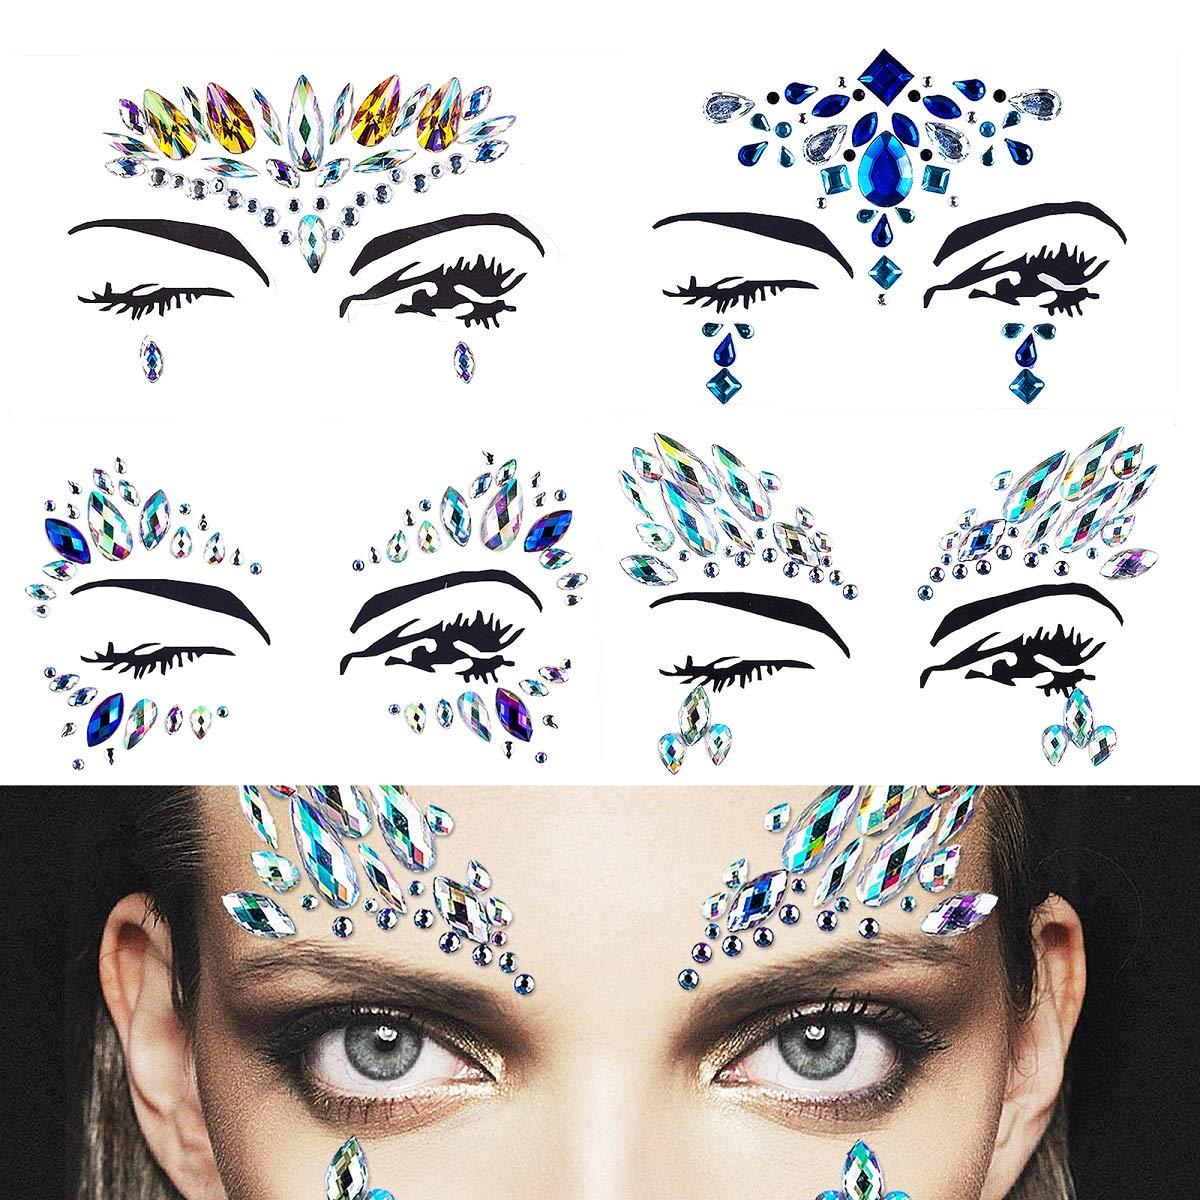 Gemme viso gioielli corpo in cristallo glitter adesivi temporanei, gioielli adesivi strass faccia per festival party rave occhi viso corpo fronte decorazioni (4 set) MissSpicy